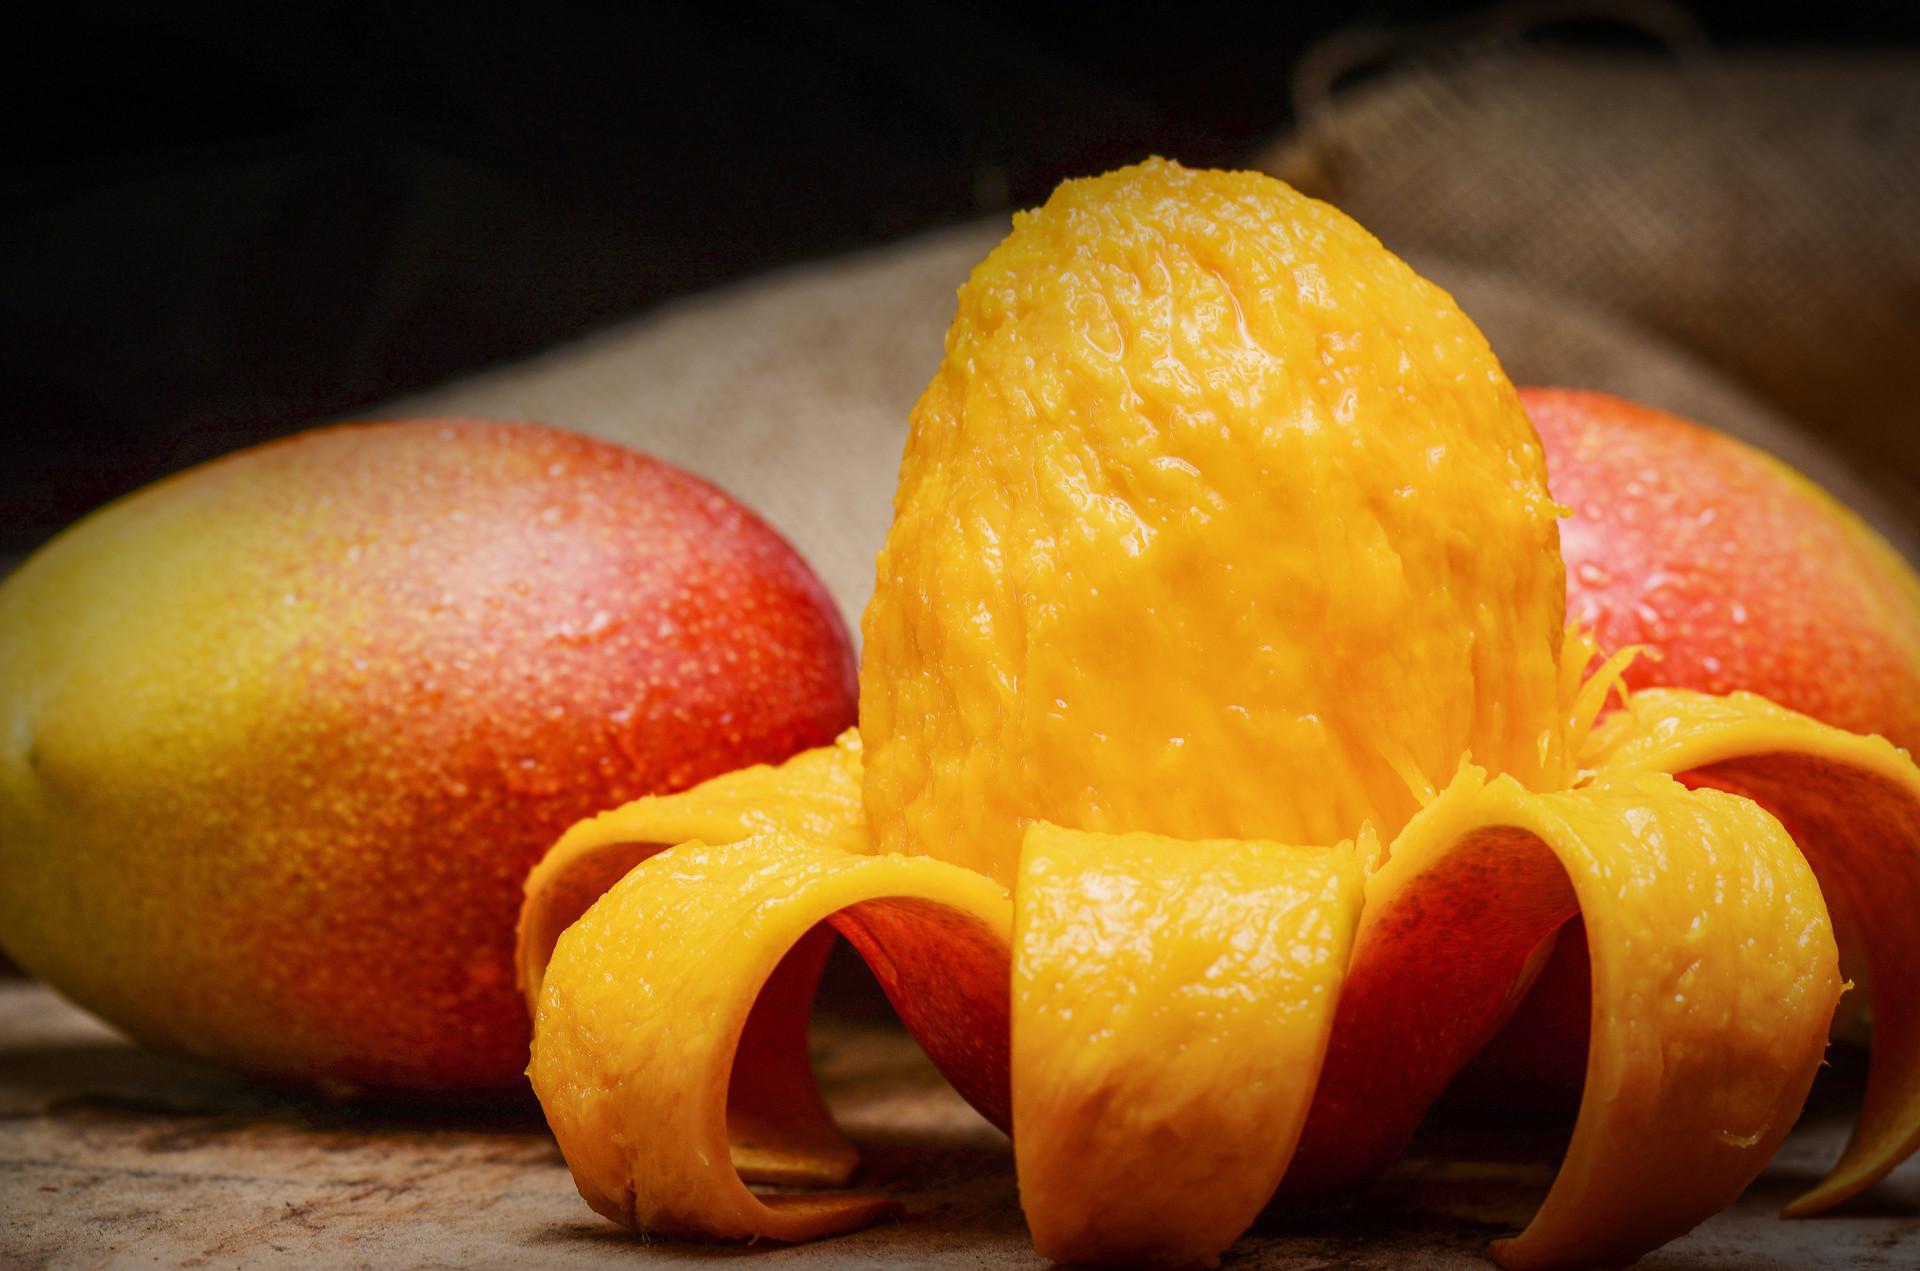 芒果的营养特点 | 每日涨营养姿势1041